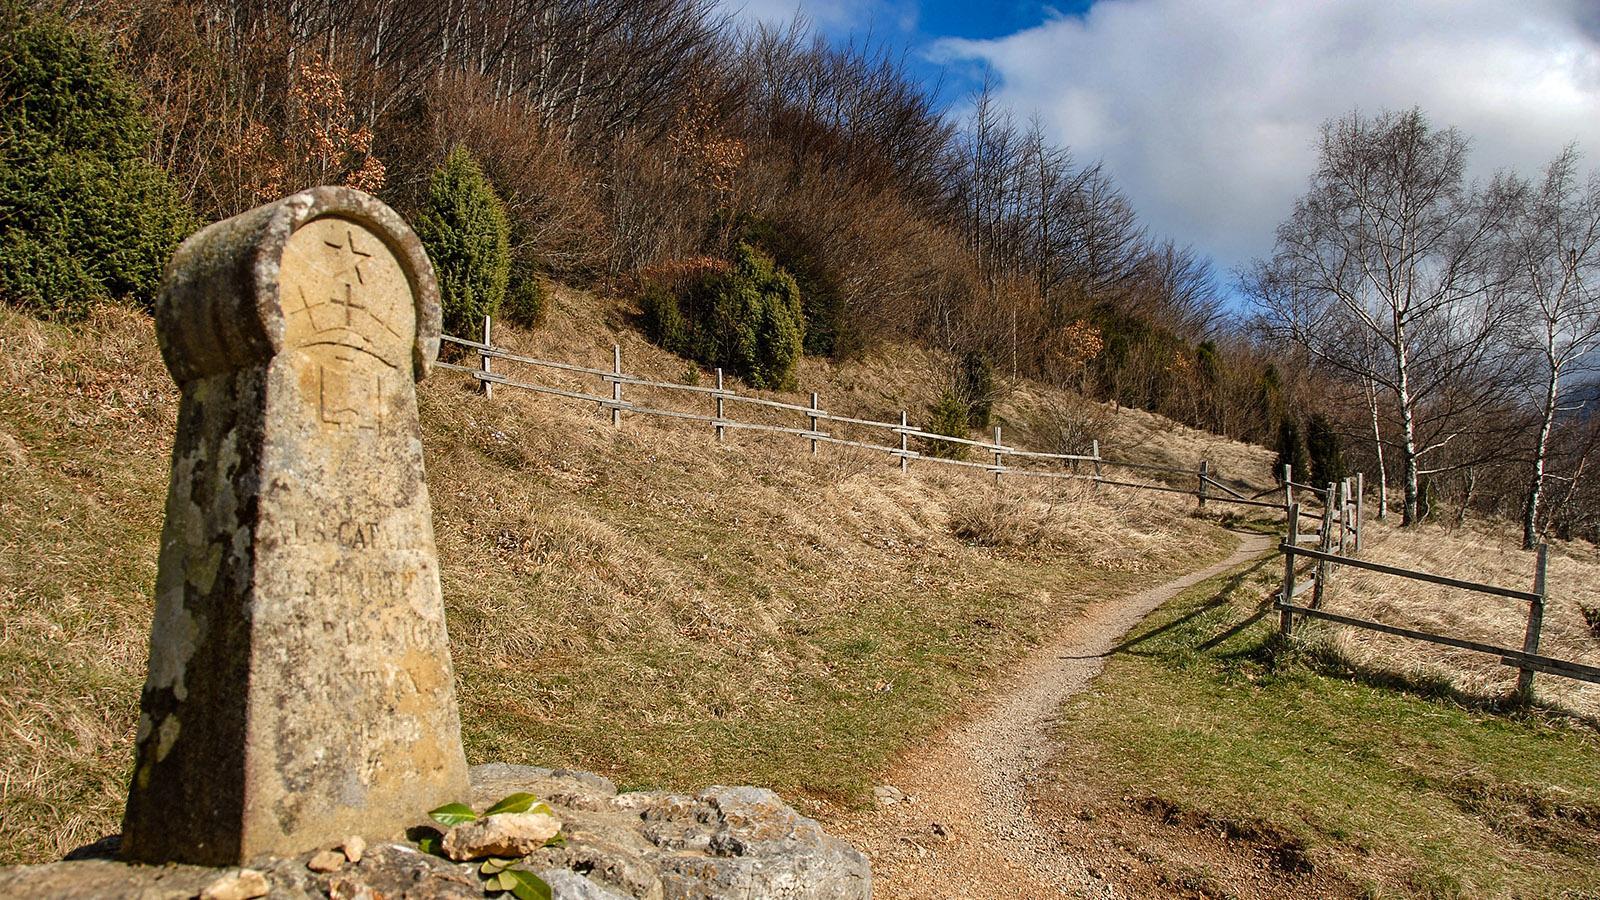 Erinnerung an die Bluttat: der Gedenkstein auf Wanderweg zur Katharerburg Montségur. Foto: Hilke Maunder